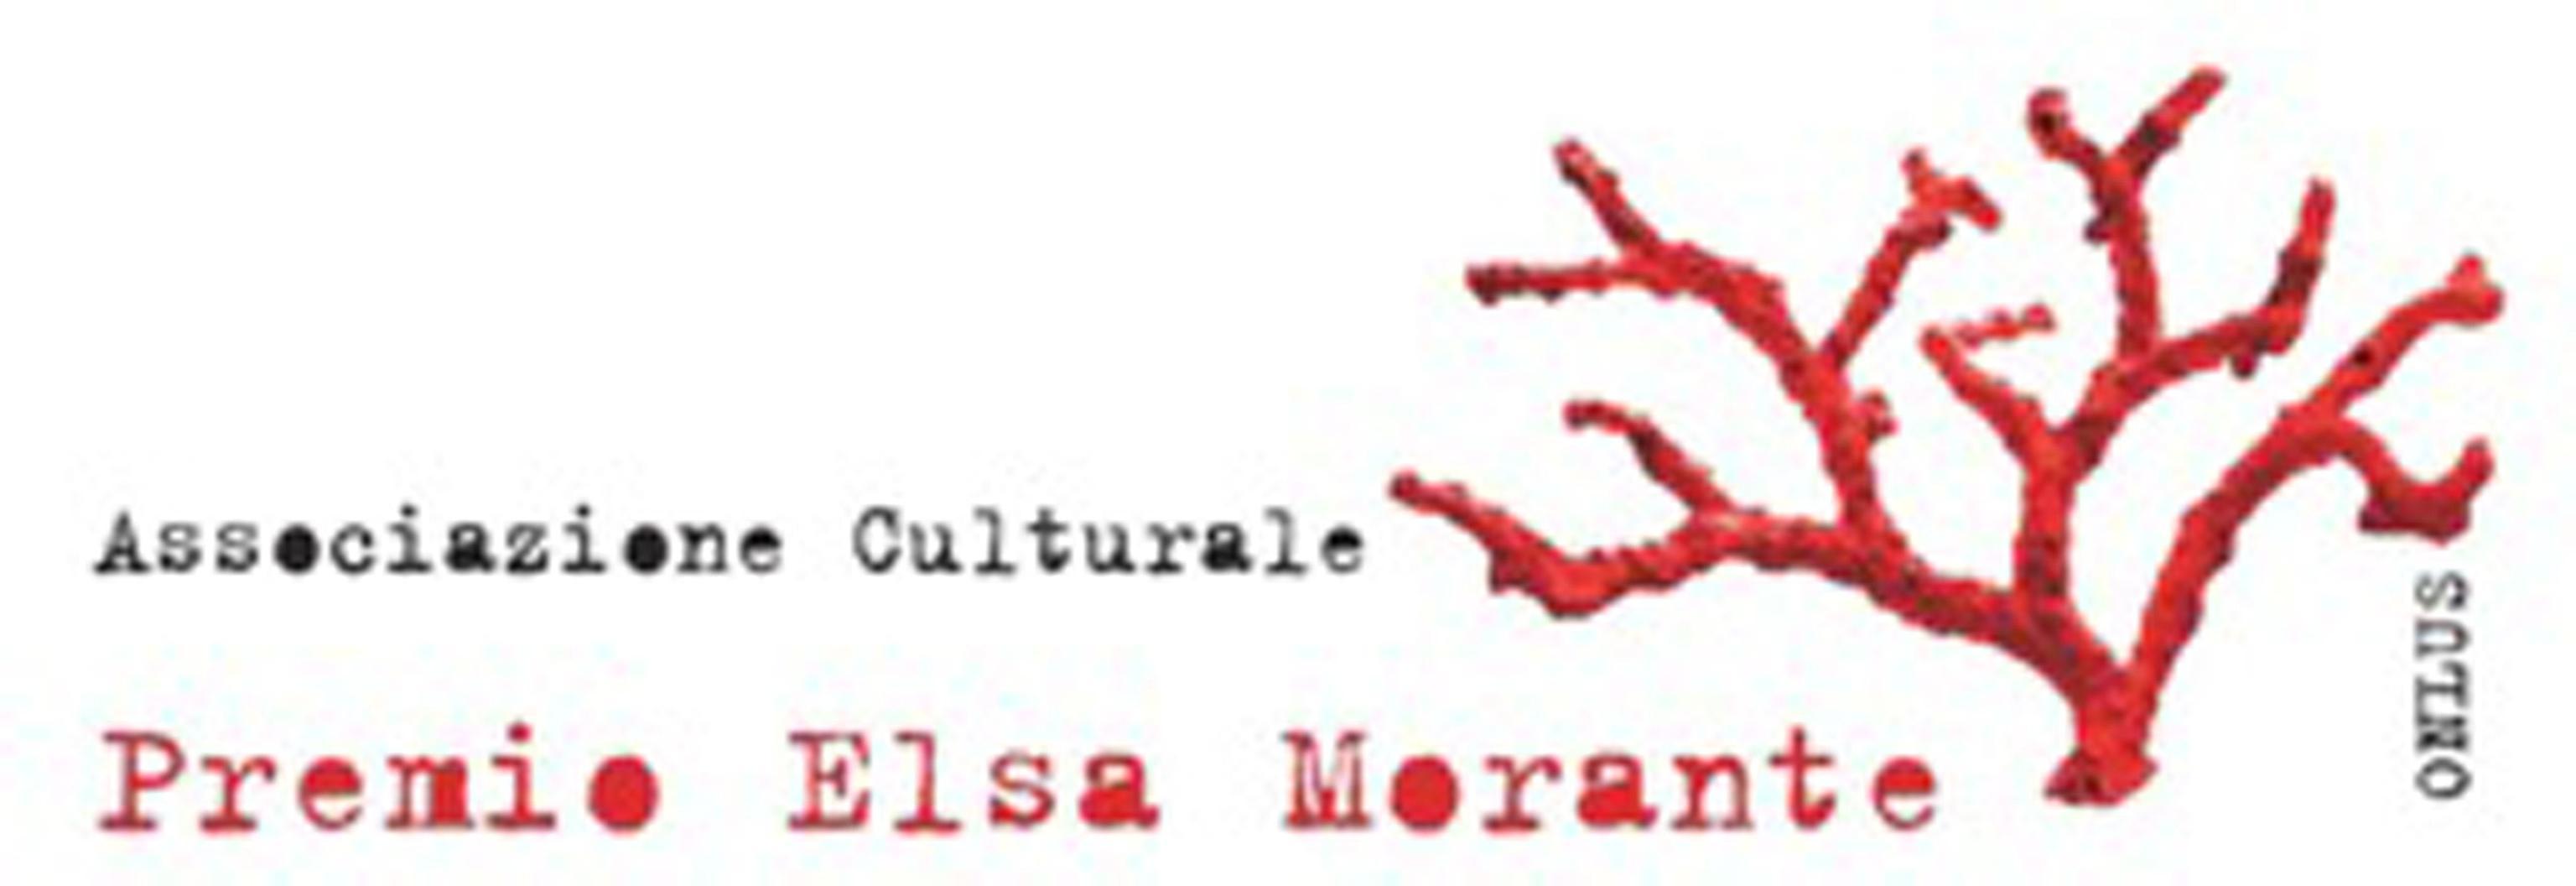 Premio Morante Carriera a Elena Ferrante